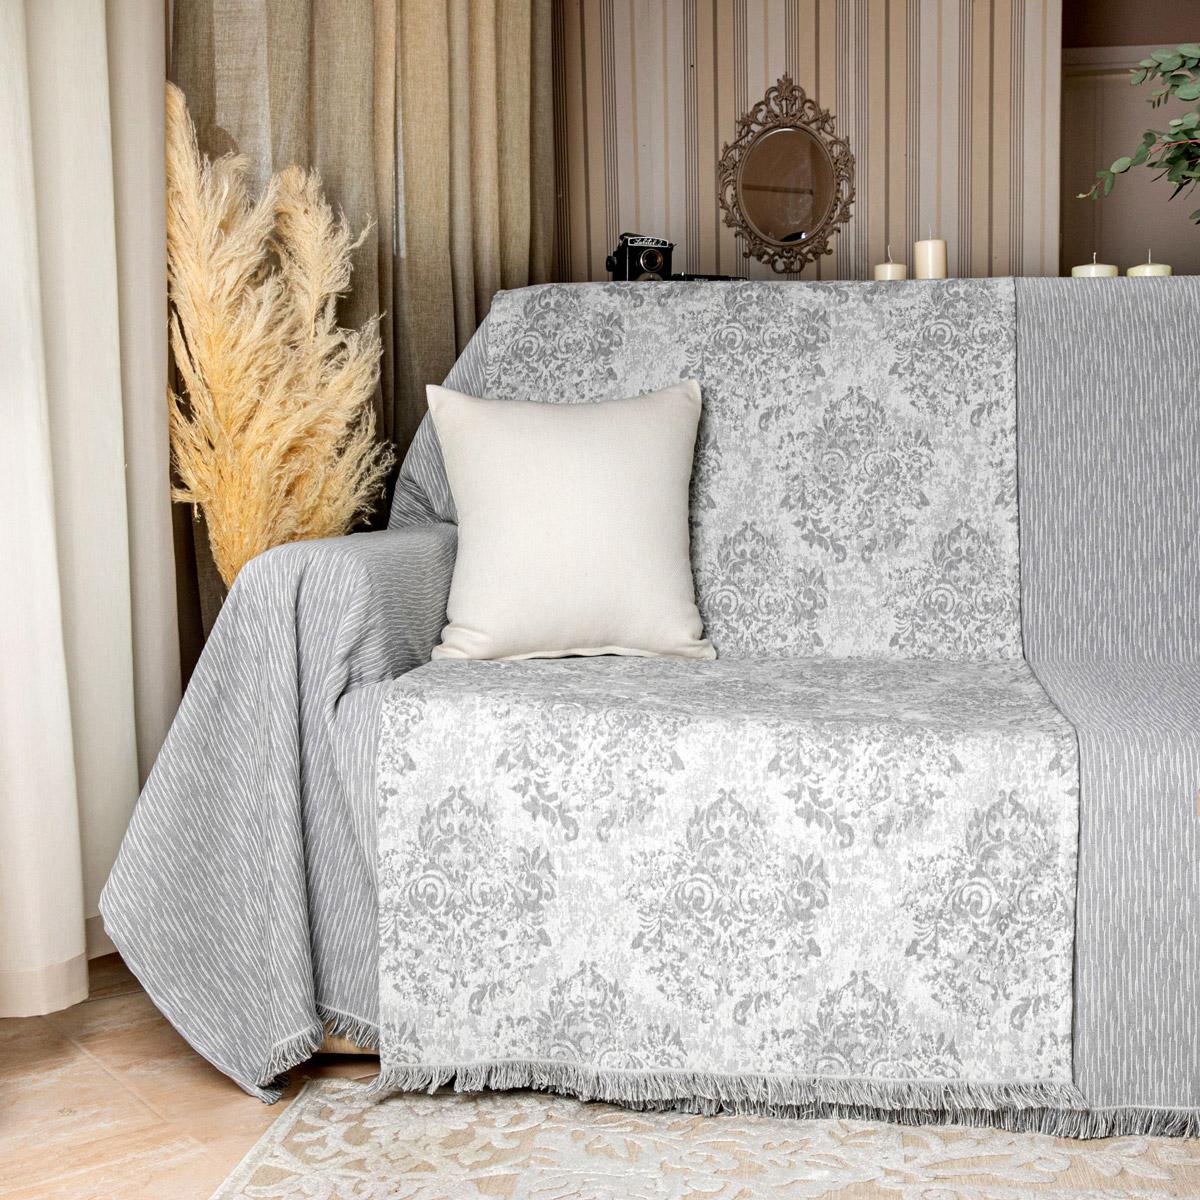 Τραβέρσα Καναπέ Loom To Room Anemoni Grey